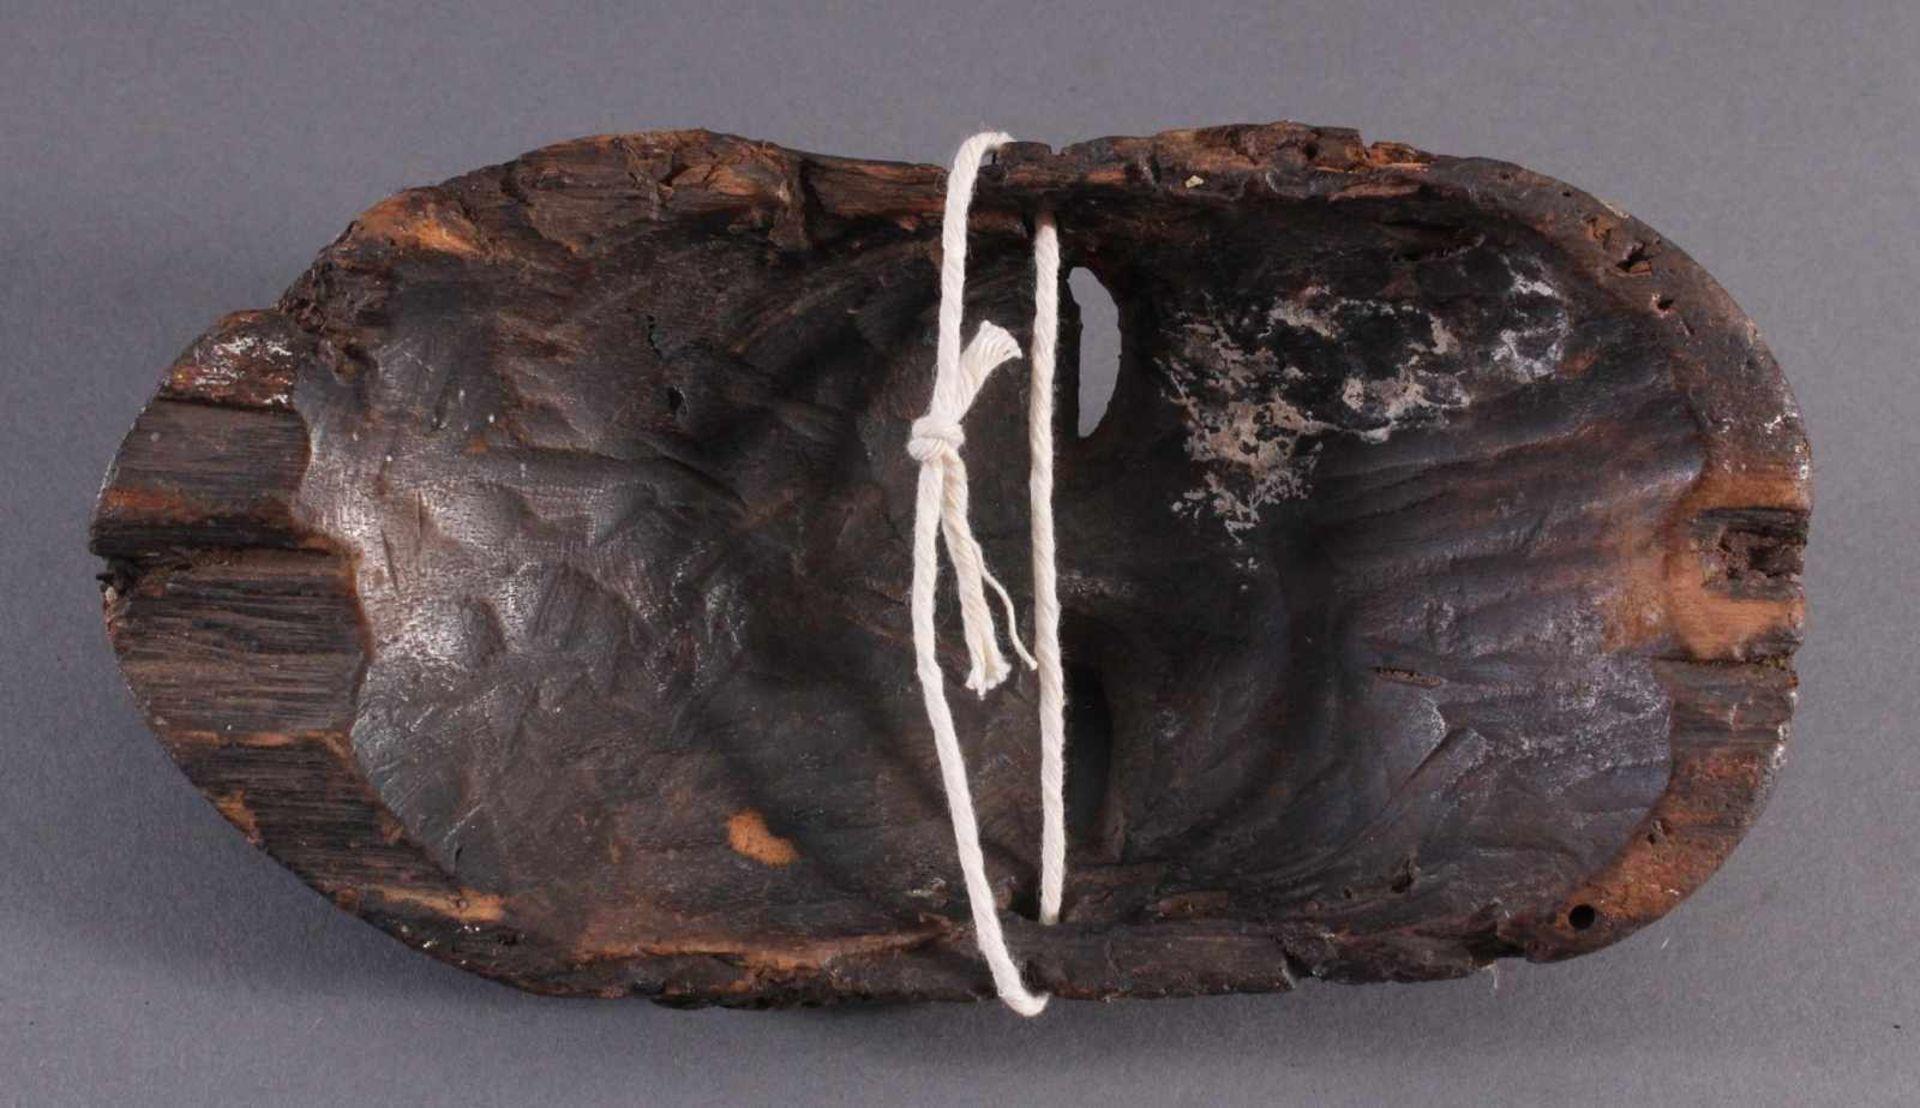 Antike Afrikanische Maske, 1. Hälfte 20. Jh.Braunes Holz, rot bemalt, schwarze Patina mit - Bild 6 aus 6